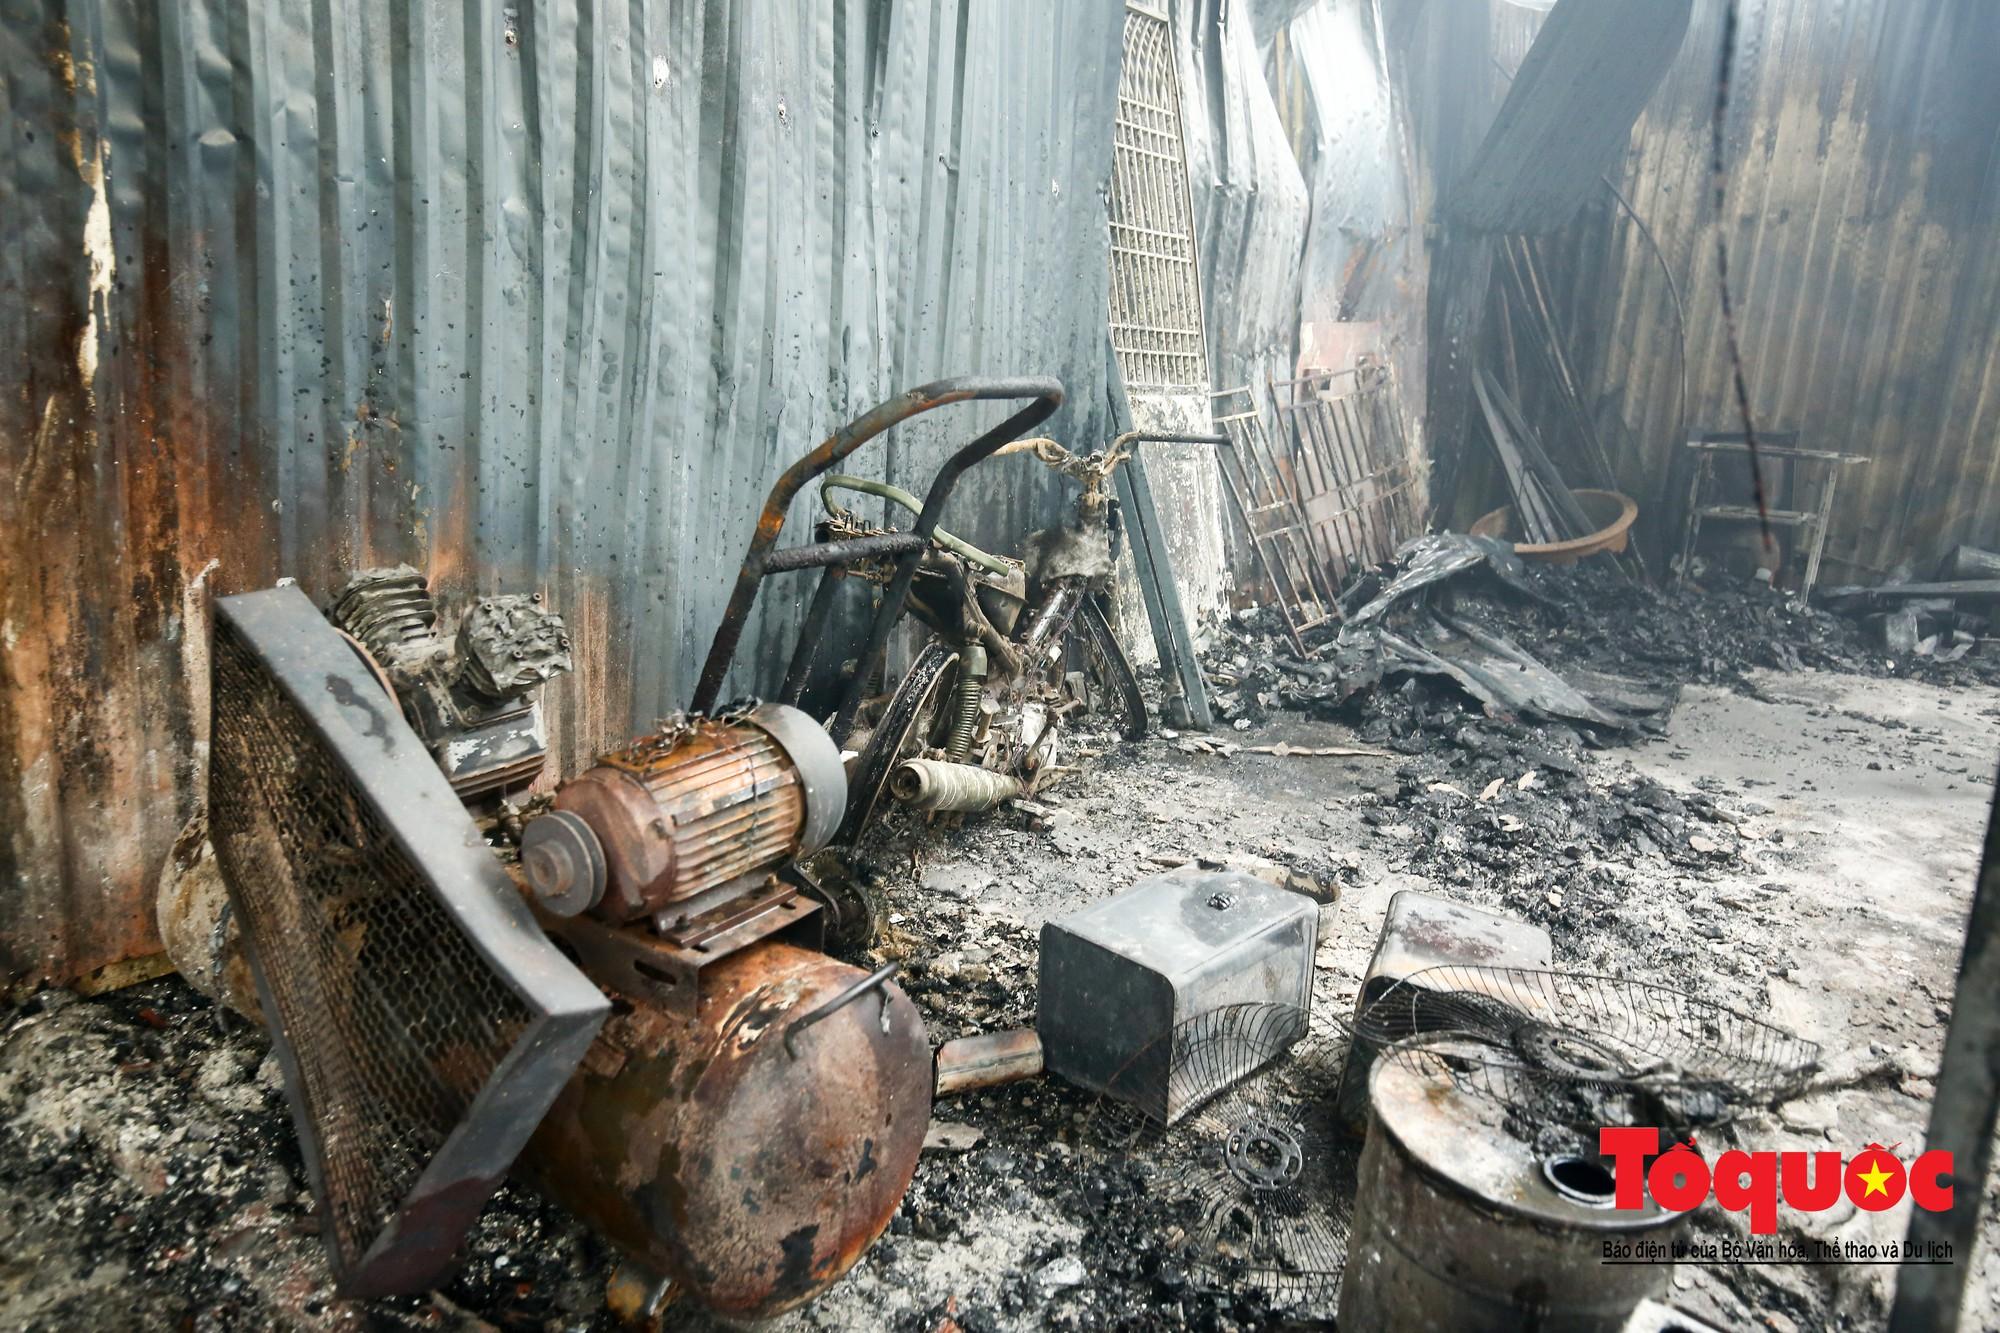 Cận cảnh hiện trường vụ Cháy thảm khốc ở Trung Văn, 8 người chết và mất tích - Ảnh 15.